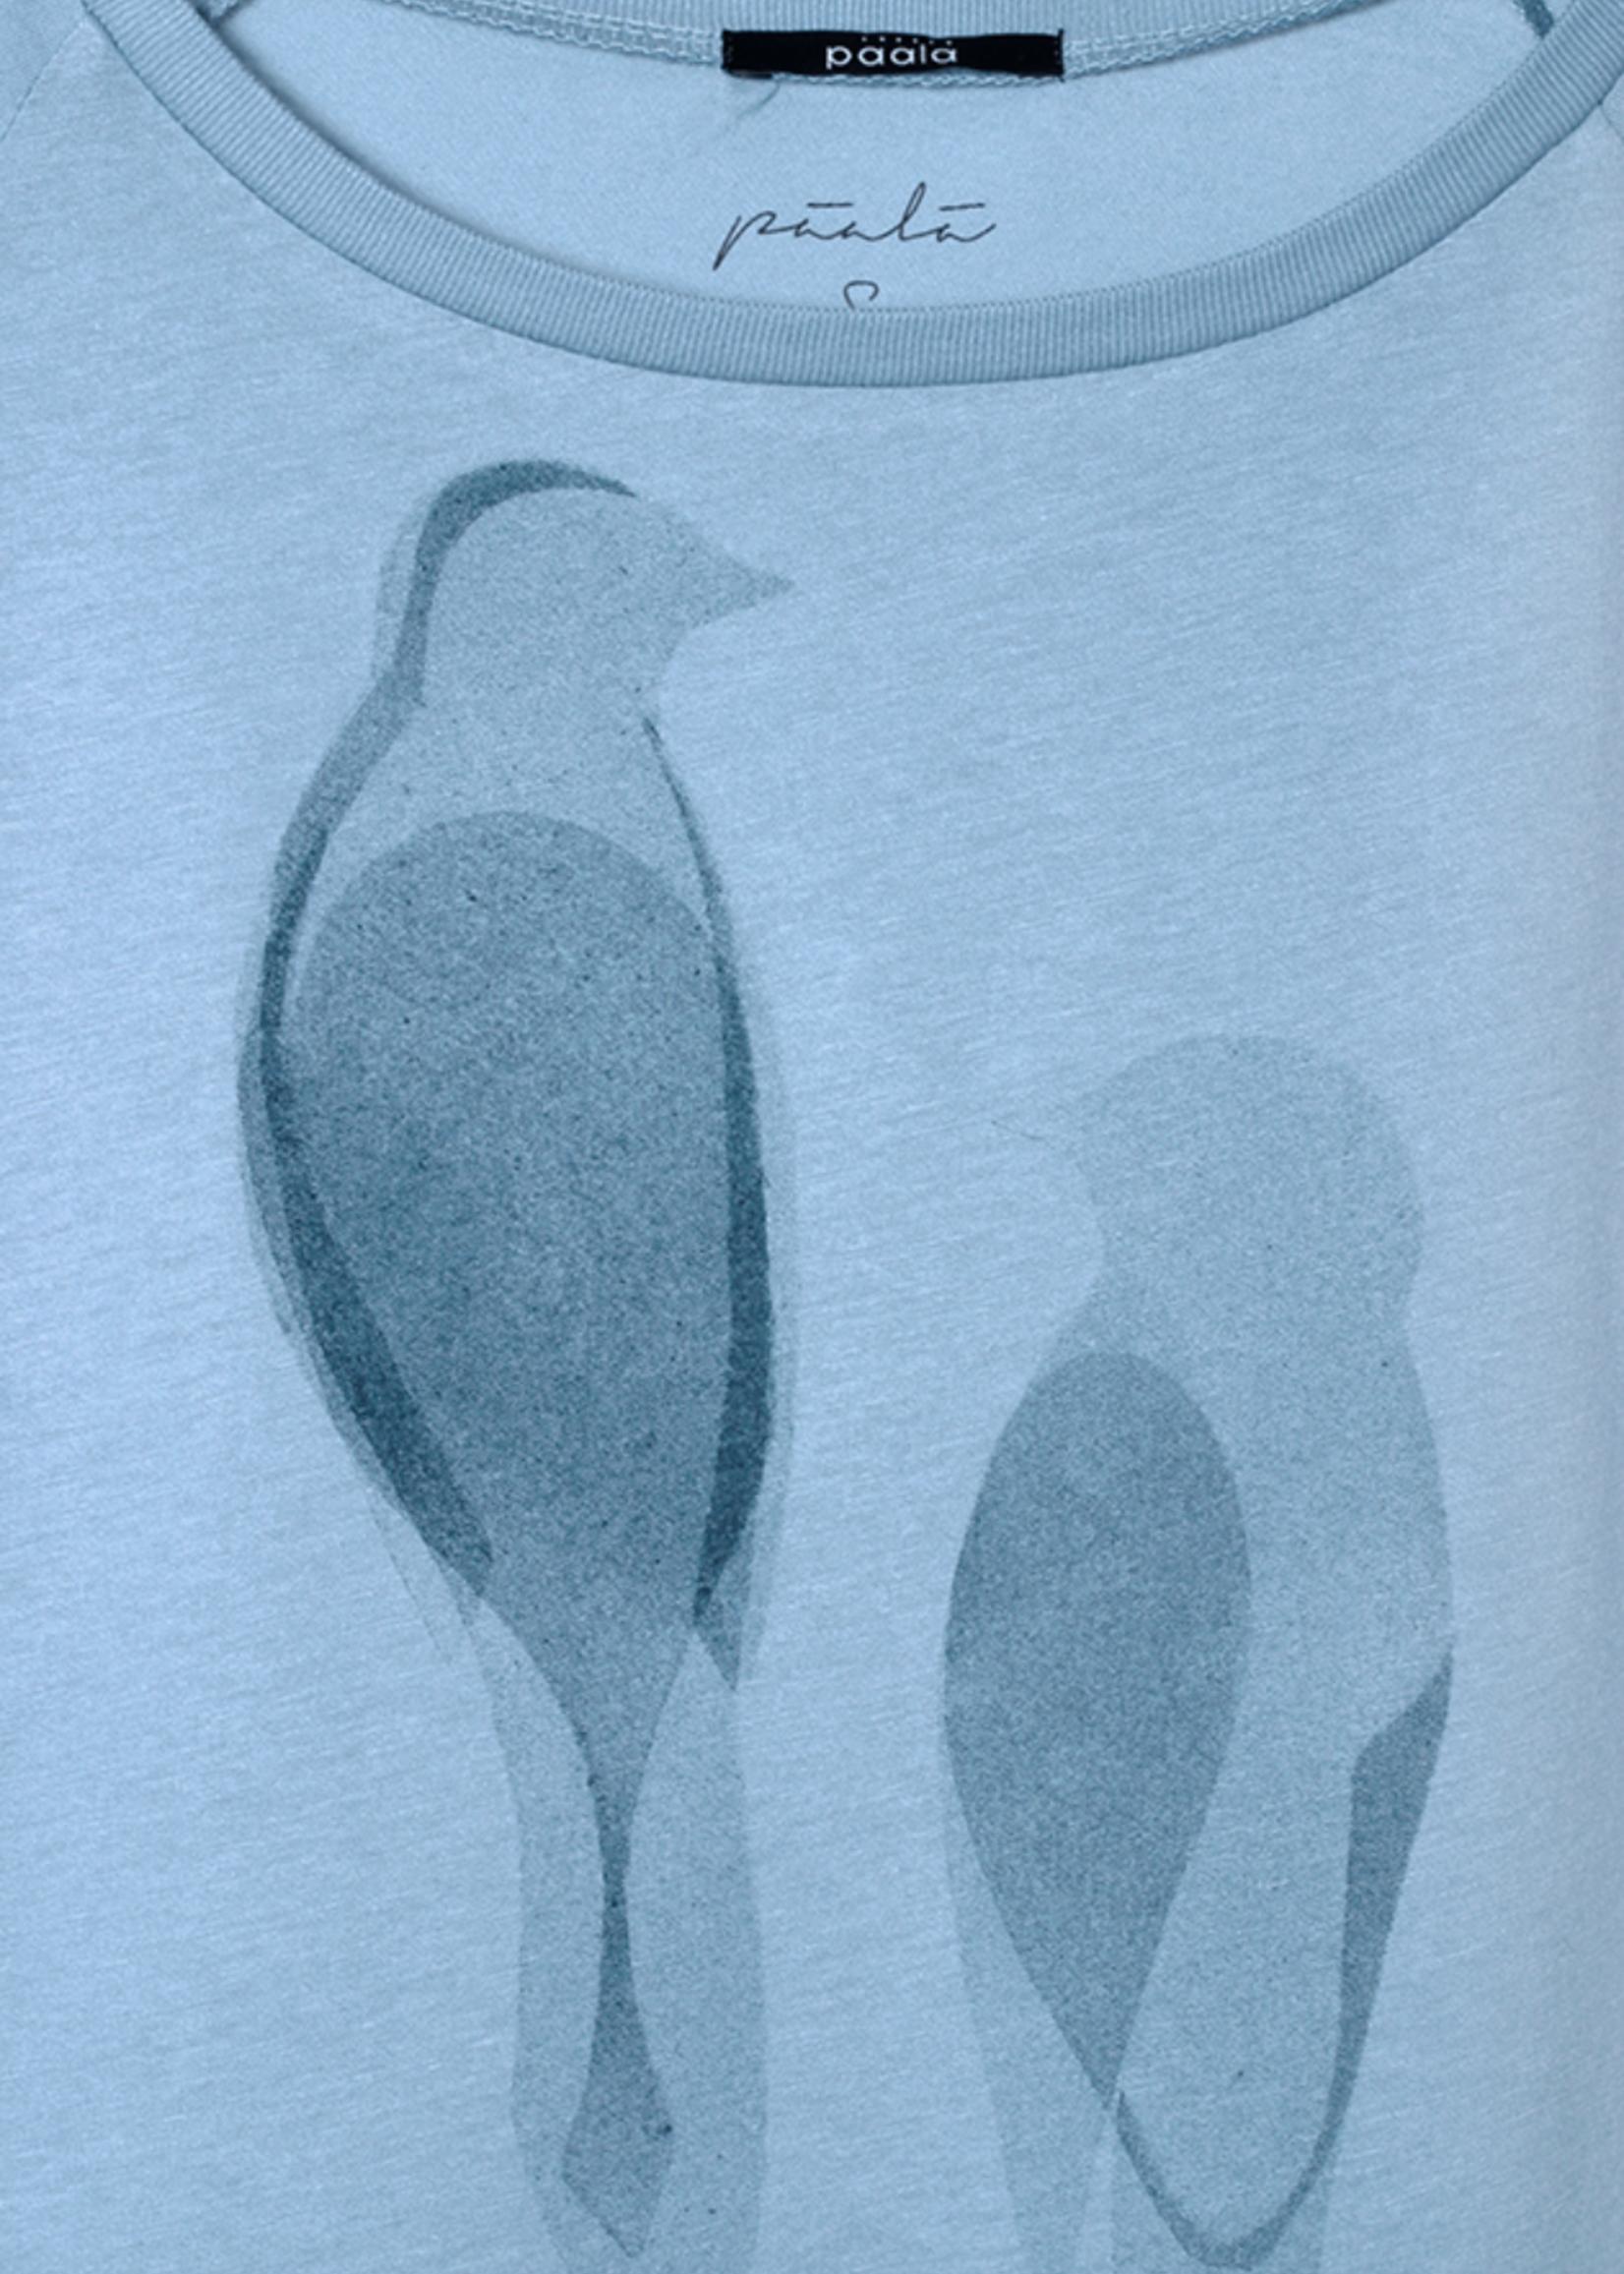 Päälä Two Paper Birds Tee